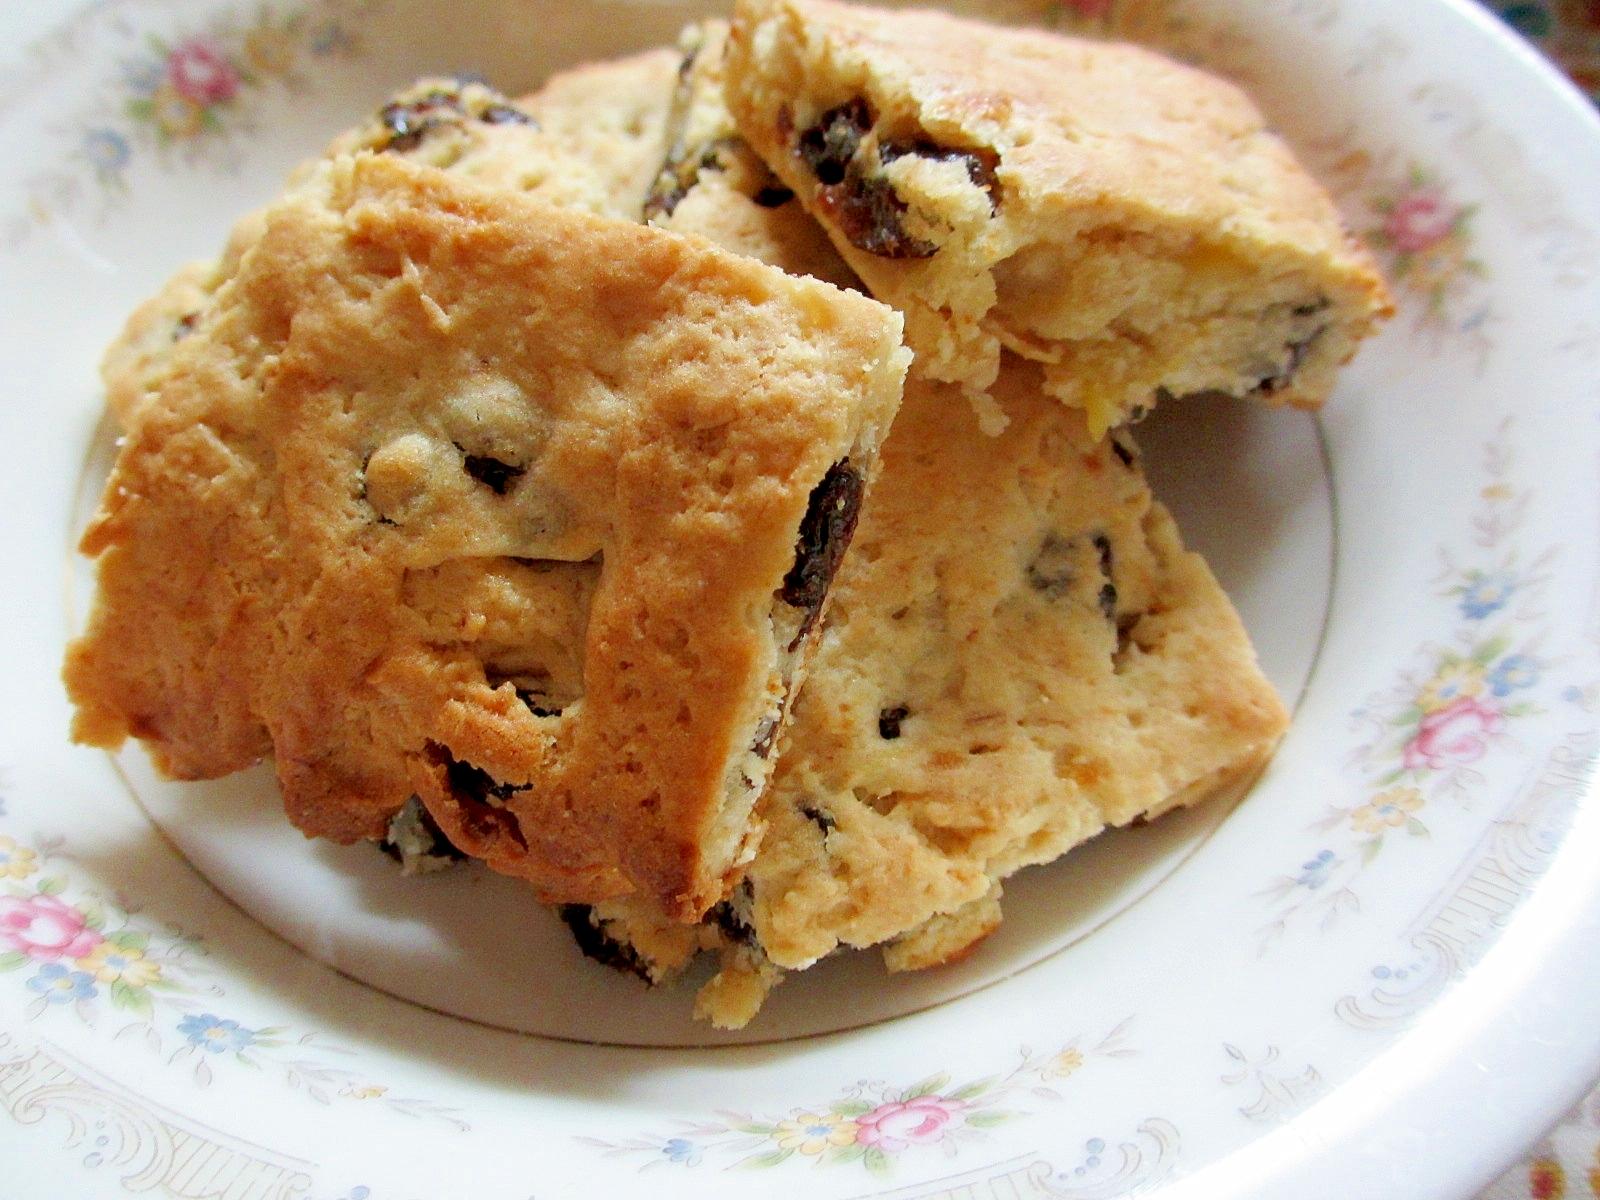 〔お手伝いレシピ〕バナナとレーズンのソフトクッキー